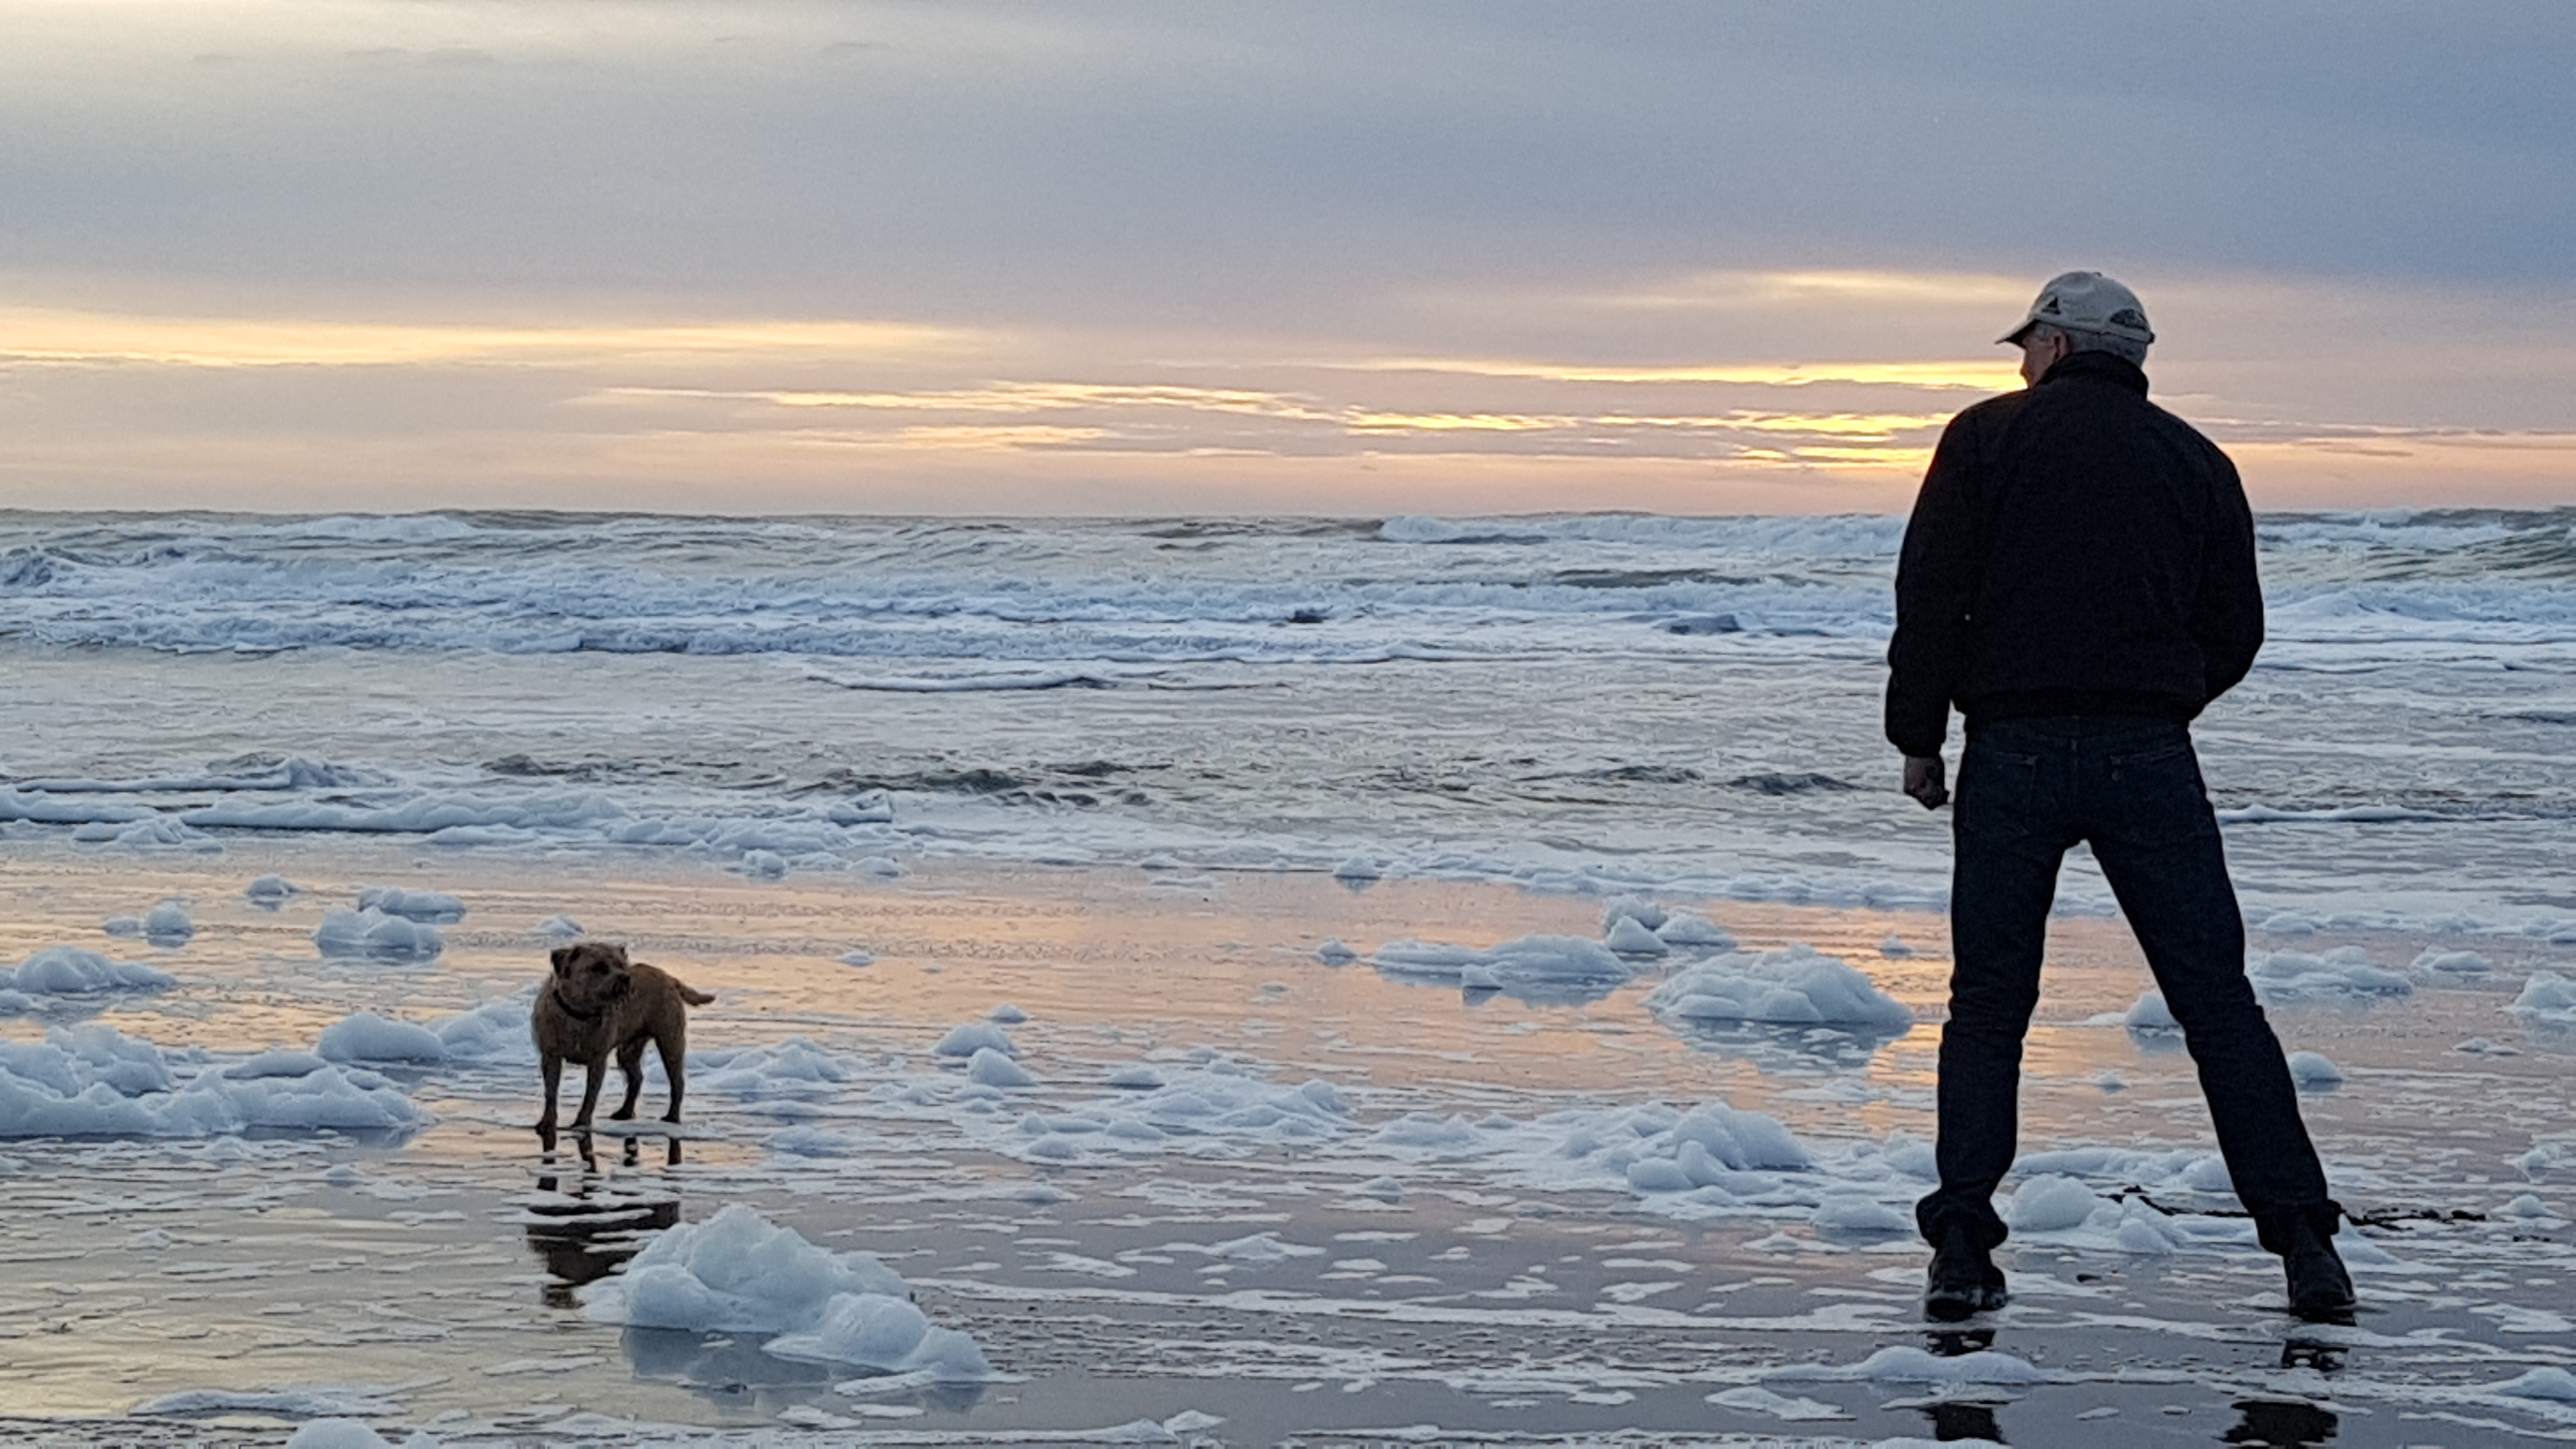 lands end, ocean beach, Unity, [샌프란시스코] 오션비치 (Ocean Beach) #2, 가족단위 산책, 갈매기, 강아지, 강아지 대화 앱, 개, 공, 공 던지기, 과학기술, 귀여운 강아지, 그라데이션, 꽃 모양 그림, 느낌 있는 사진, 똥개 훈련, 랜드 엔즈, 맹순이, 맹순이 생각, 머그잔, 바닷가, 바닷물, 바위언덕, 산책, 산행용 스테인글라스, 샌프란시스코, 오션 비치, 외발서기, 장미 모양, 주인, 채찍, 체스 말, 커피, 통나무 위 연인들, 하늘 그라데이션, 해, 해야 솟아라, 훈련